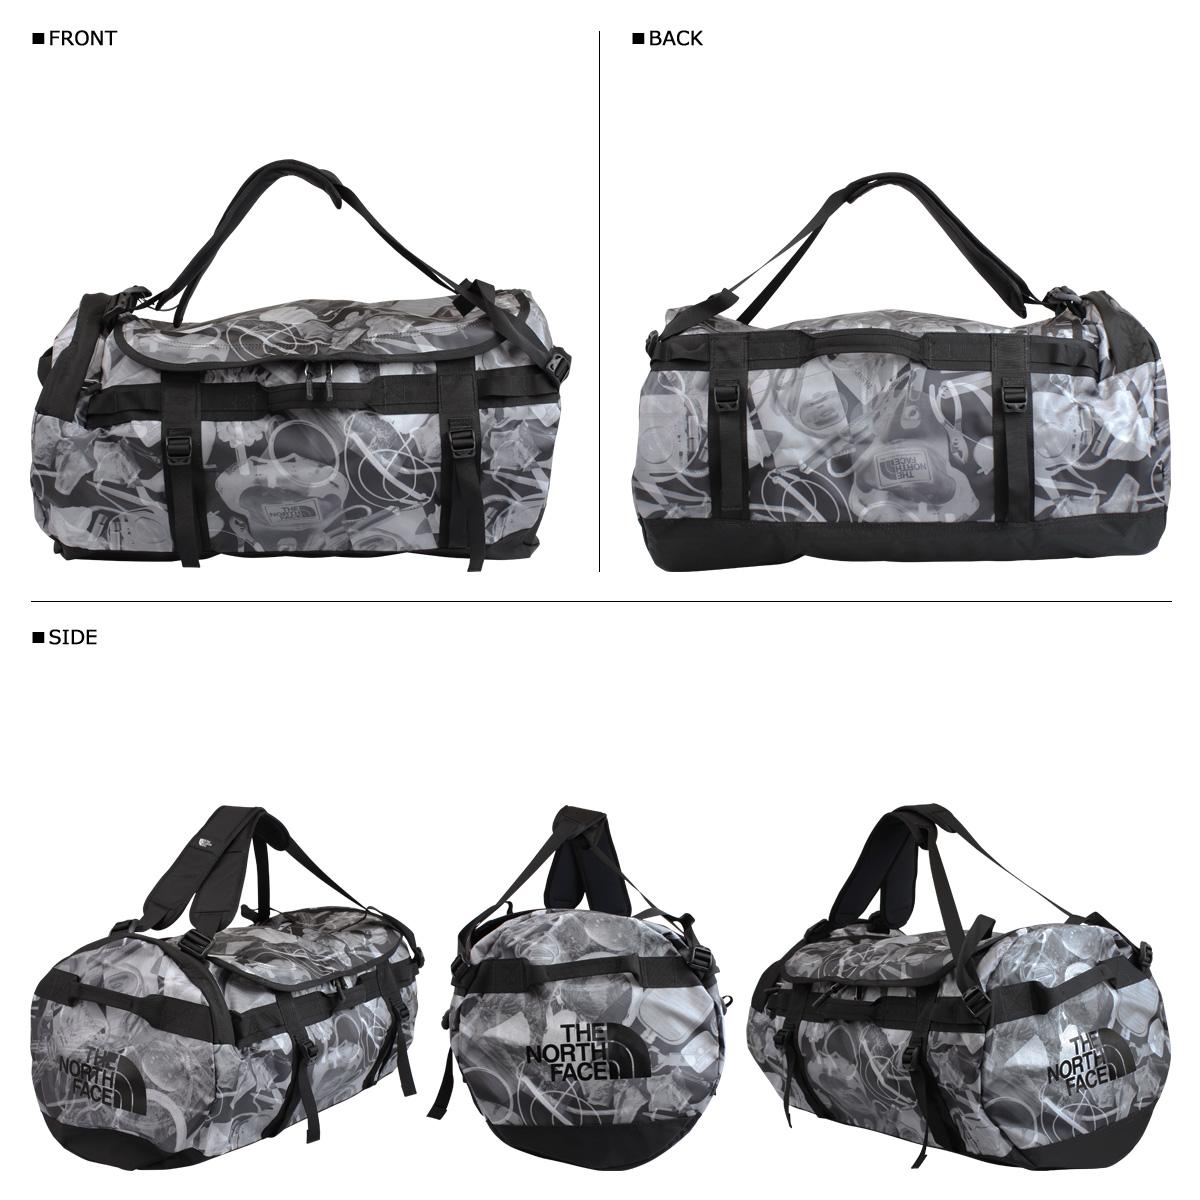 THE NORTH FACE north face bag bag duffel bag BASE CAMP DUFFEL-L 95L men  women 2ddd6f2dba410